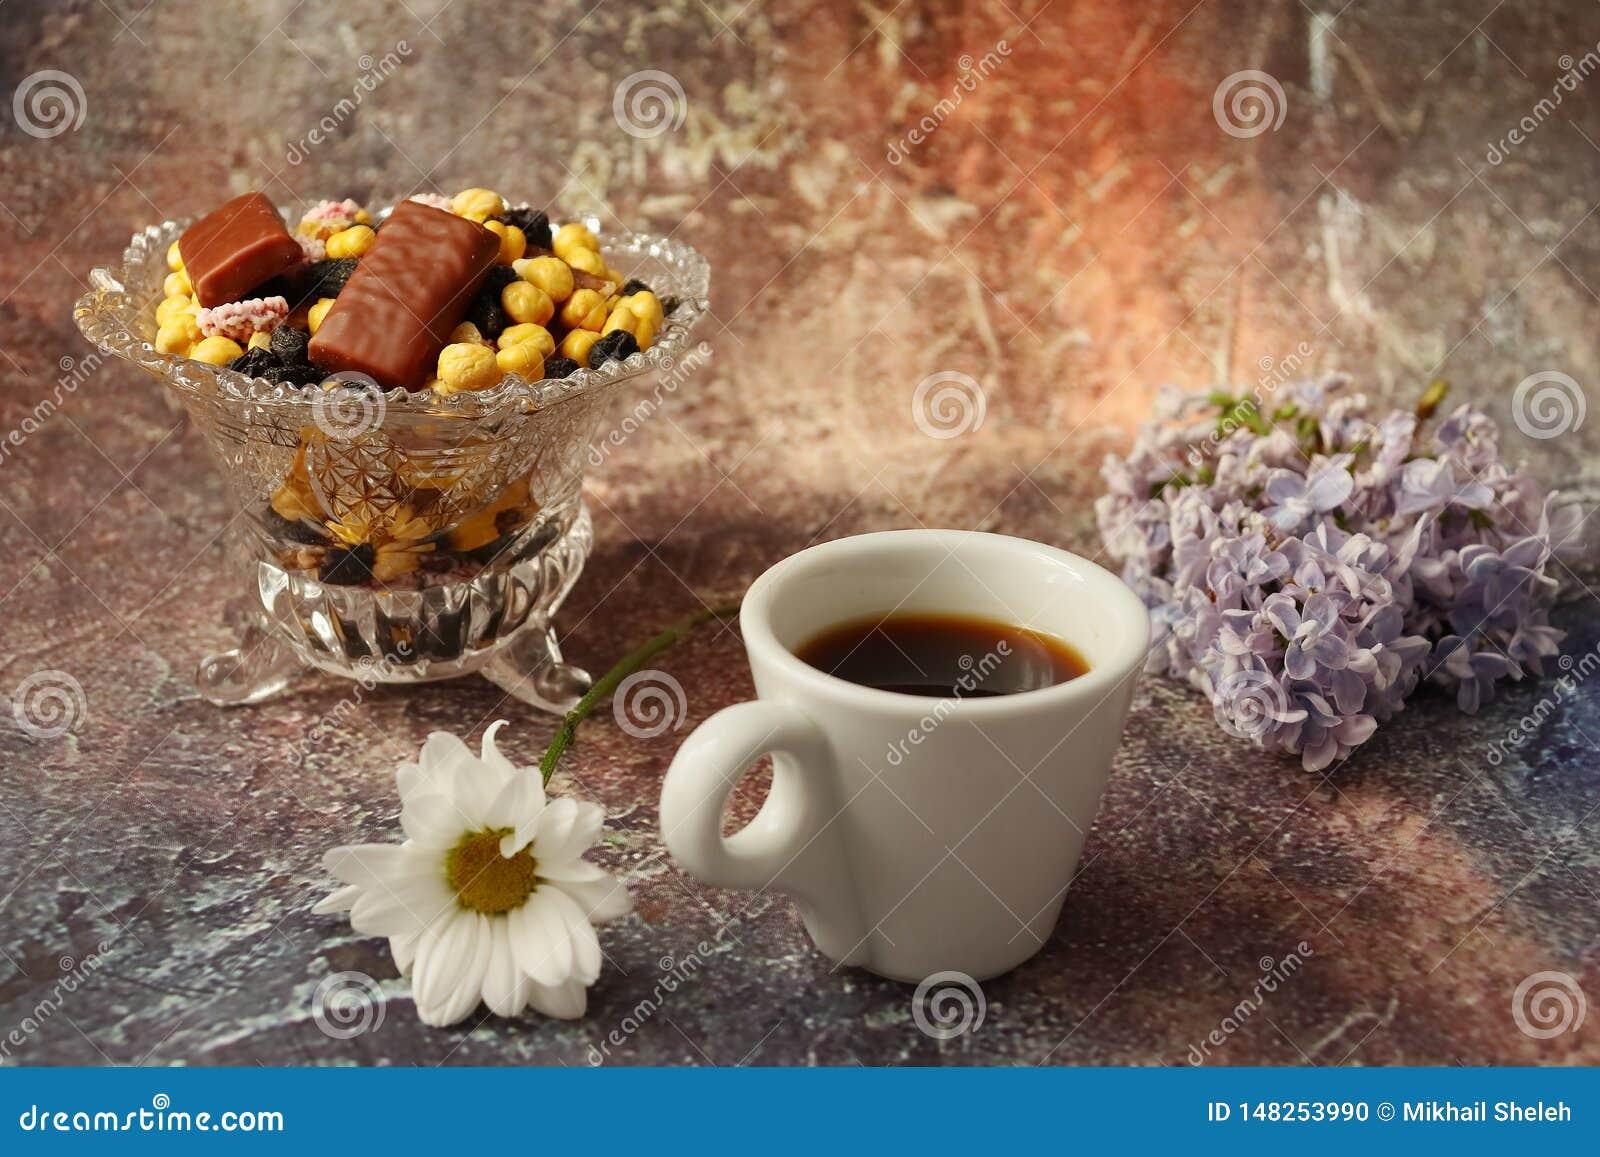 Café de la mañana a toda prisa: una taza de café, de flores en un florero, de frutas secadas y de dulces en un florero, una vela